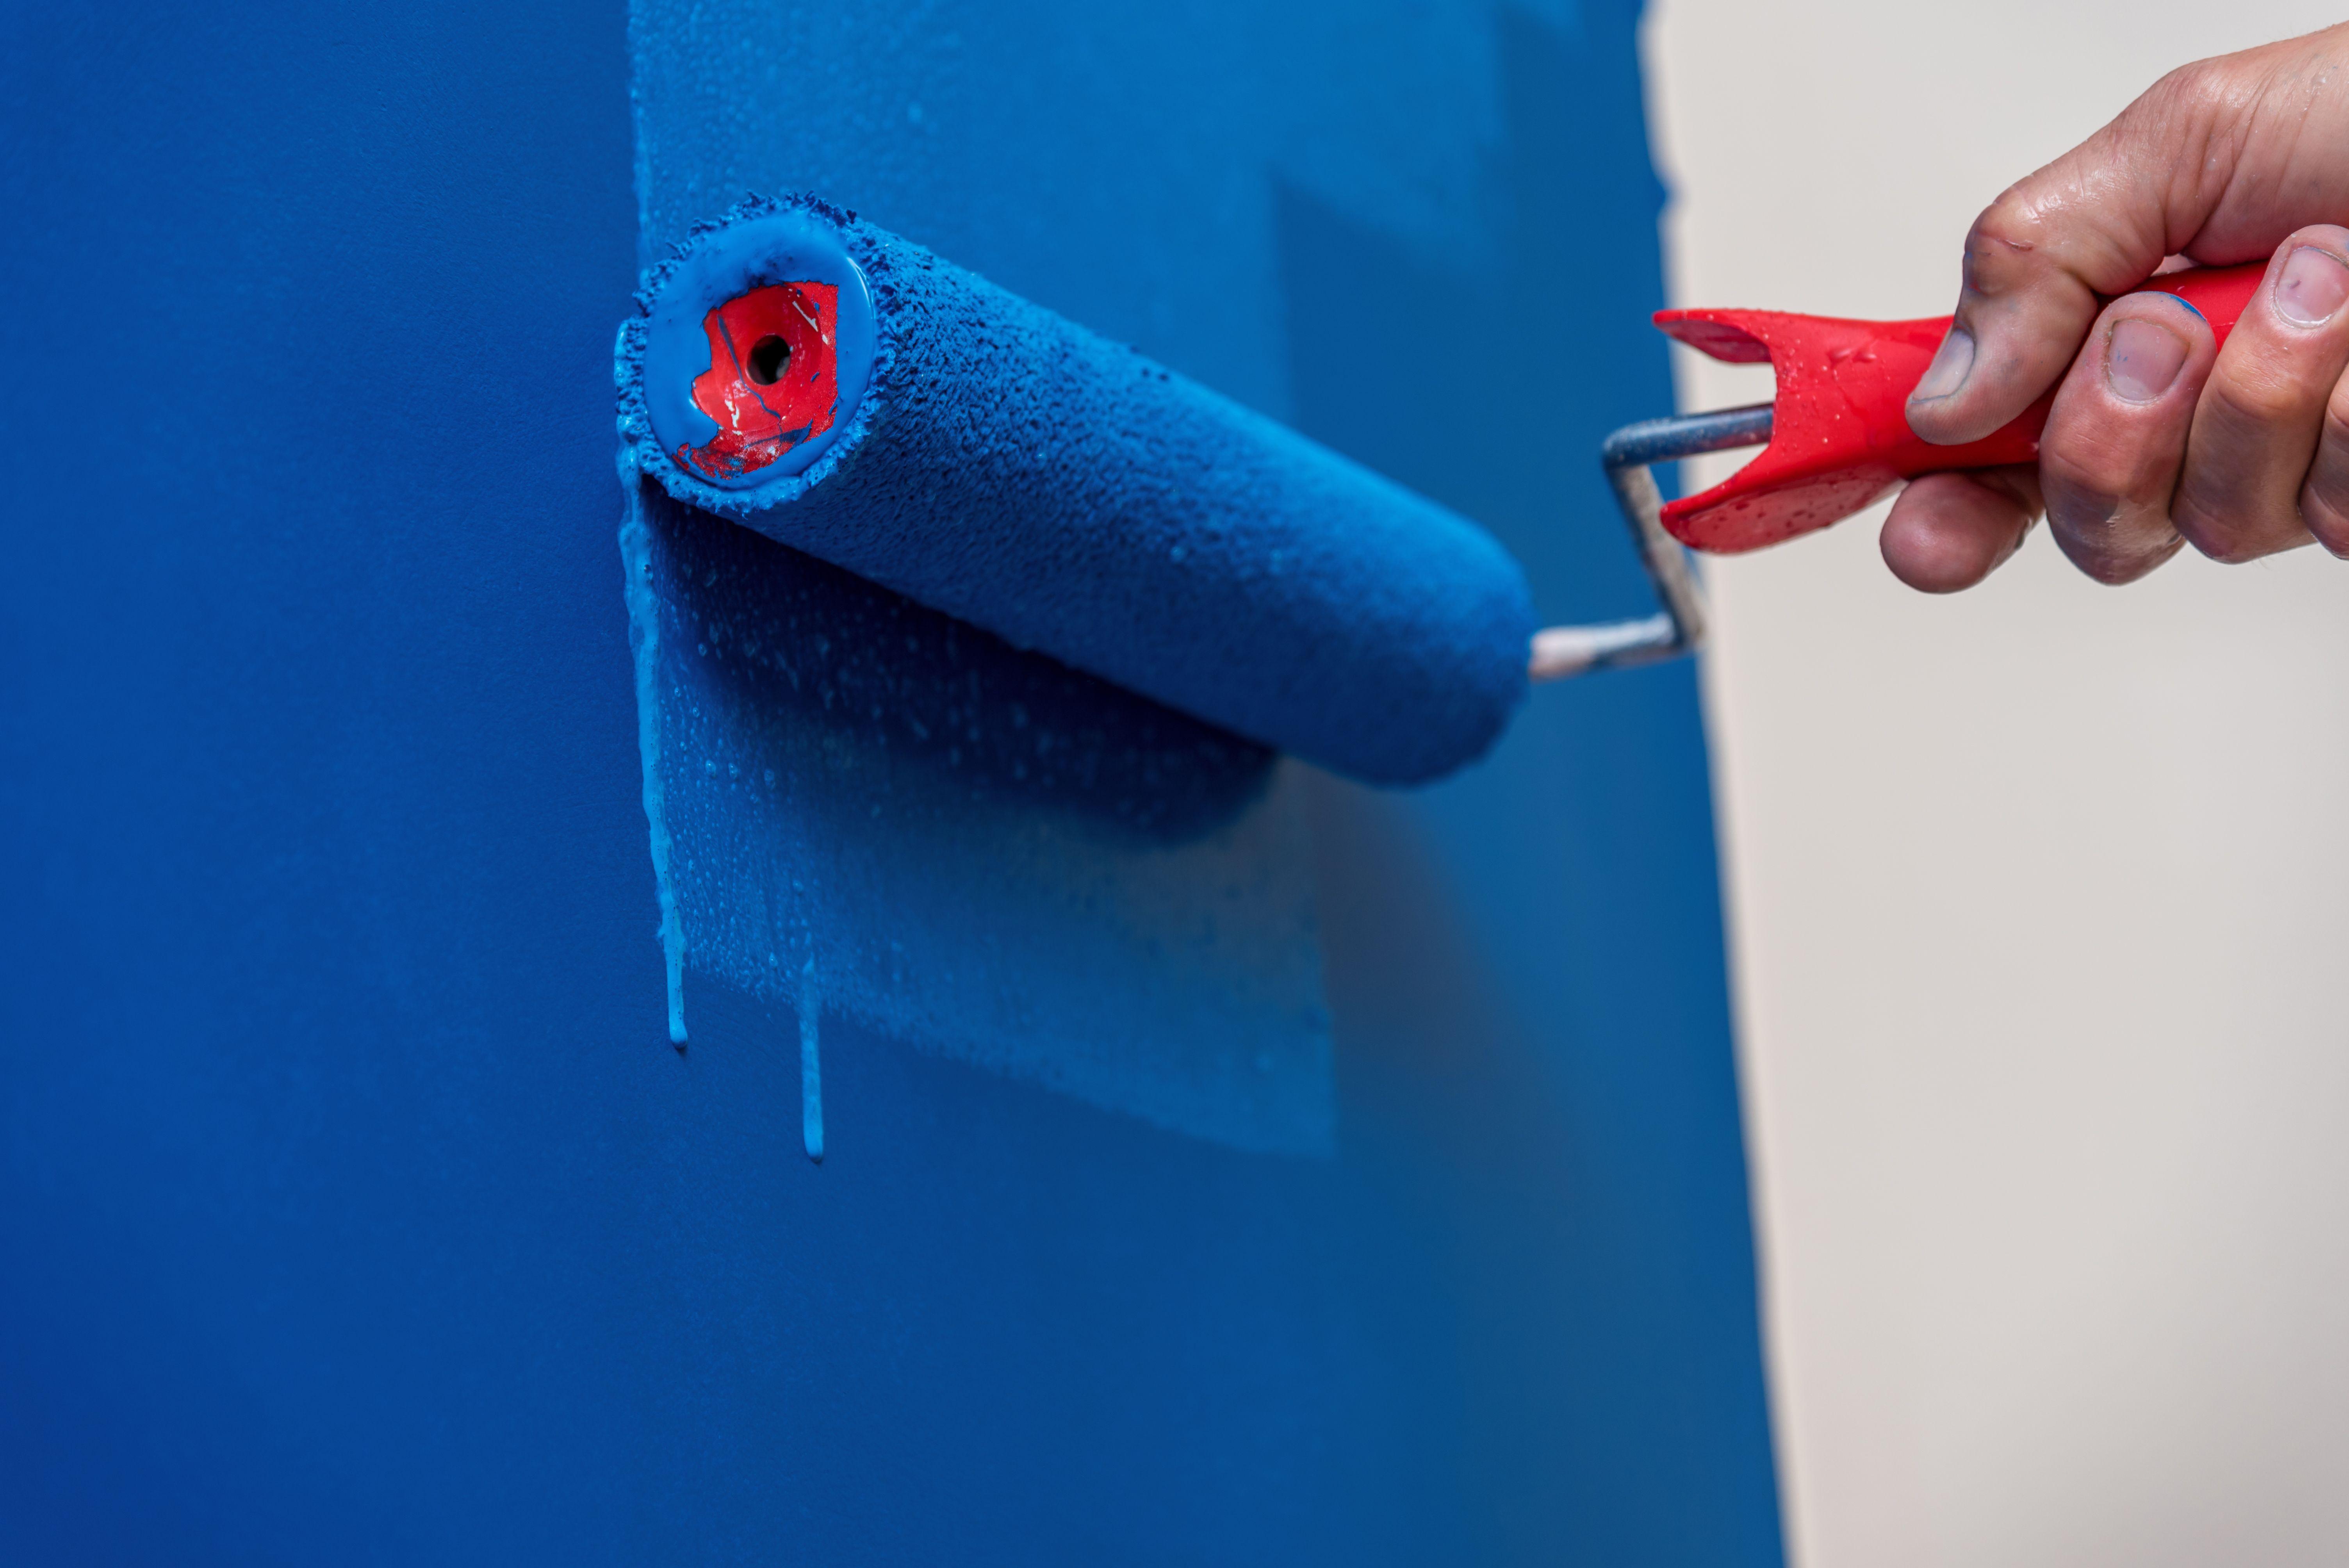 Peinture qui coule :  comment éviter les coulures